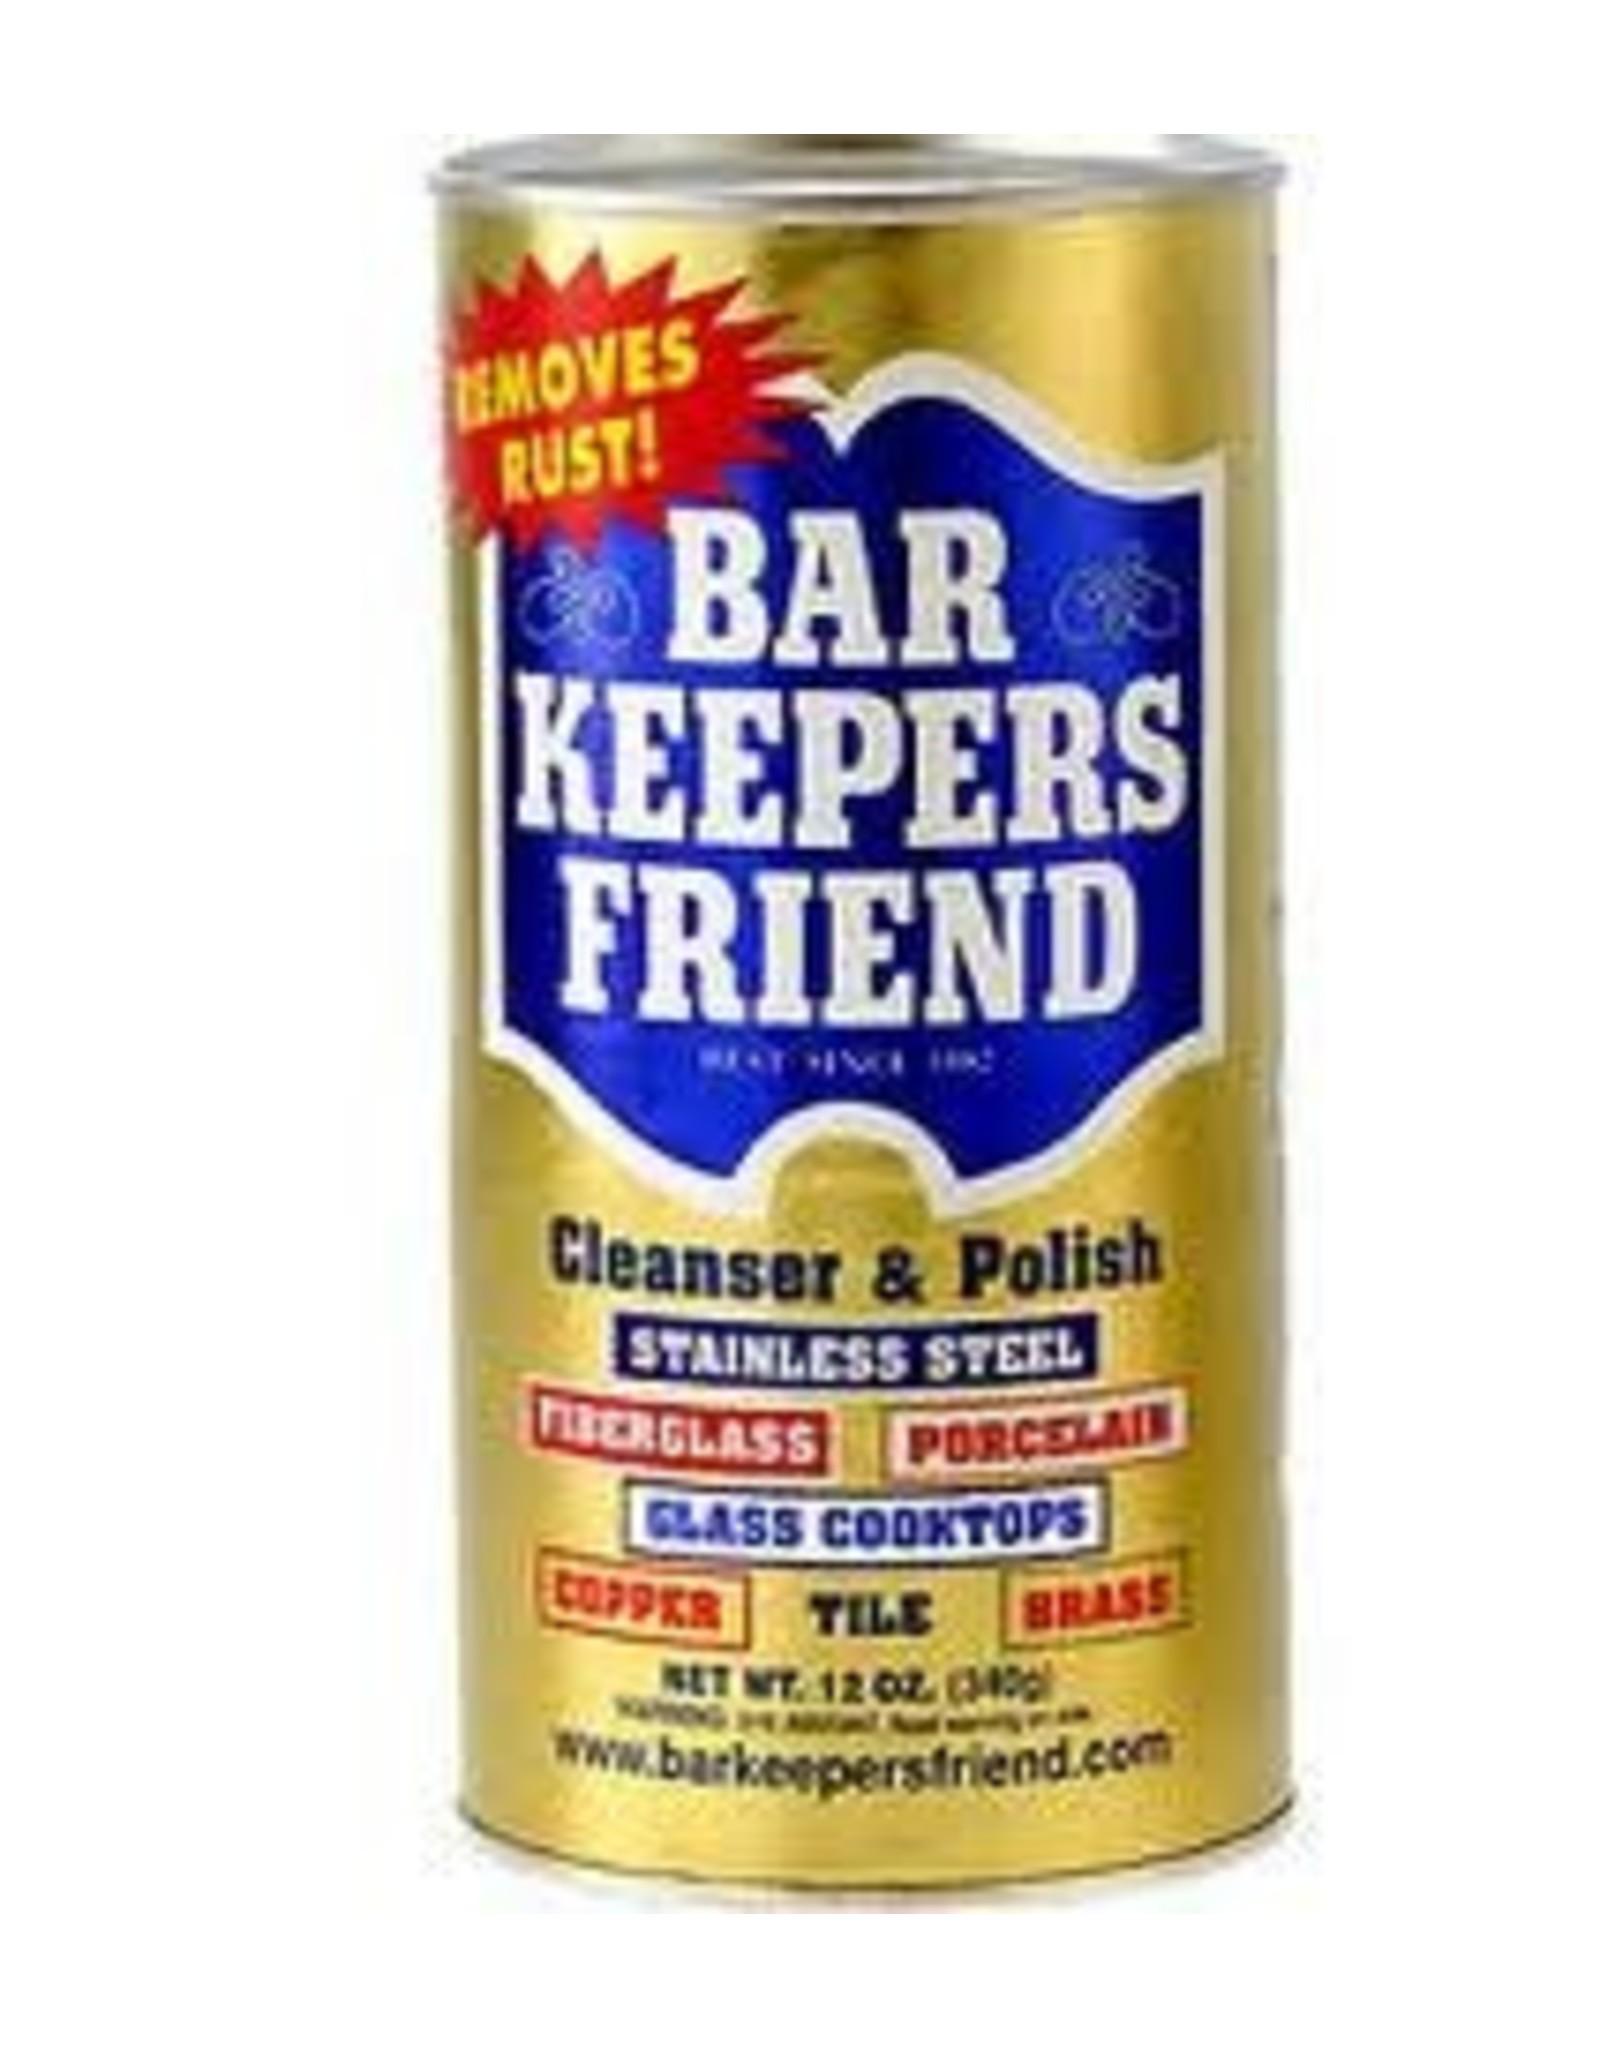 BAR KEEPERS FRIEND 12 OZ POWDER